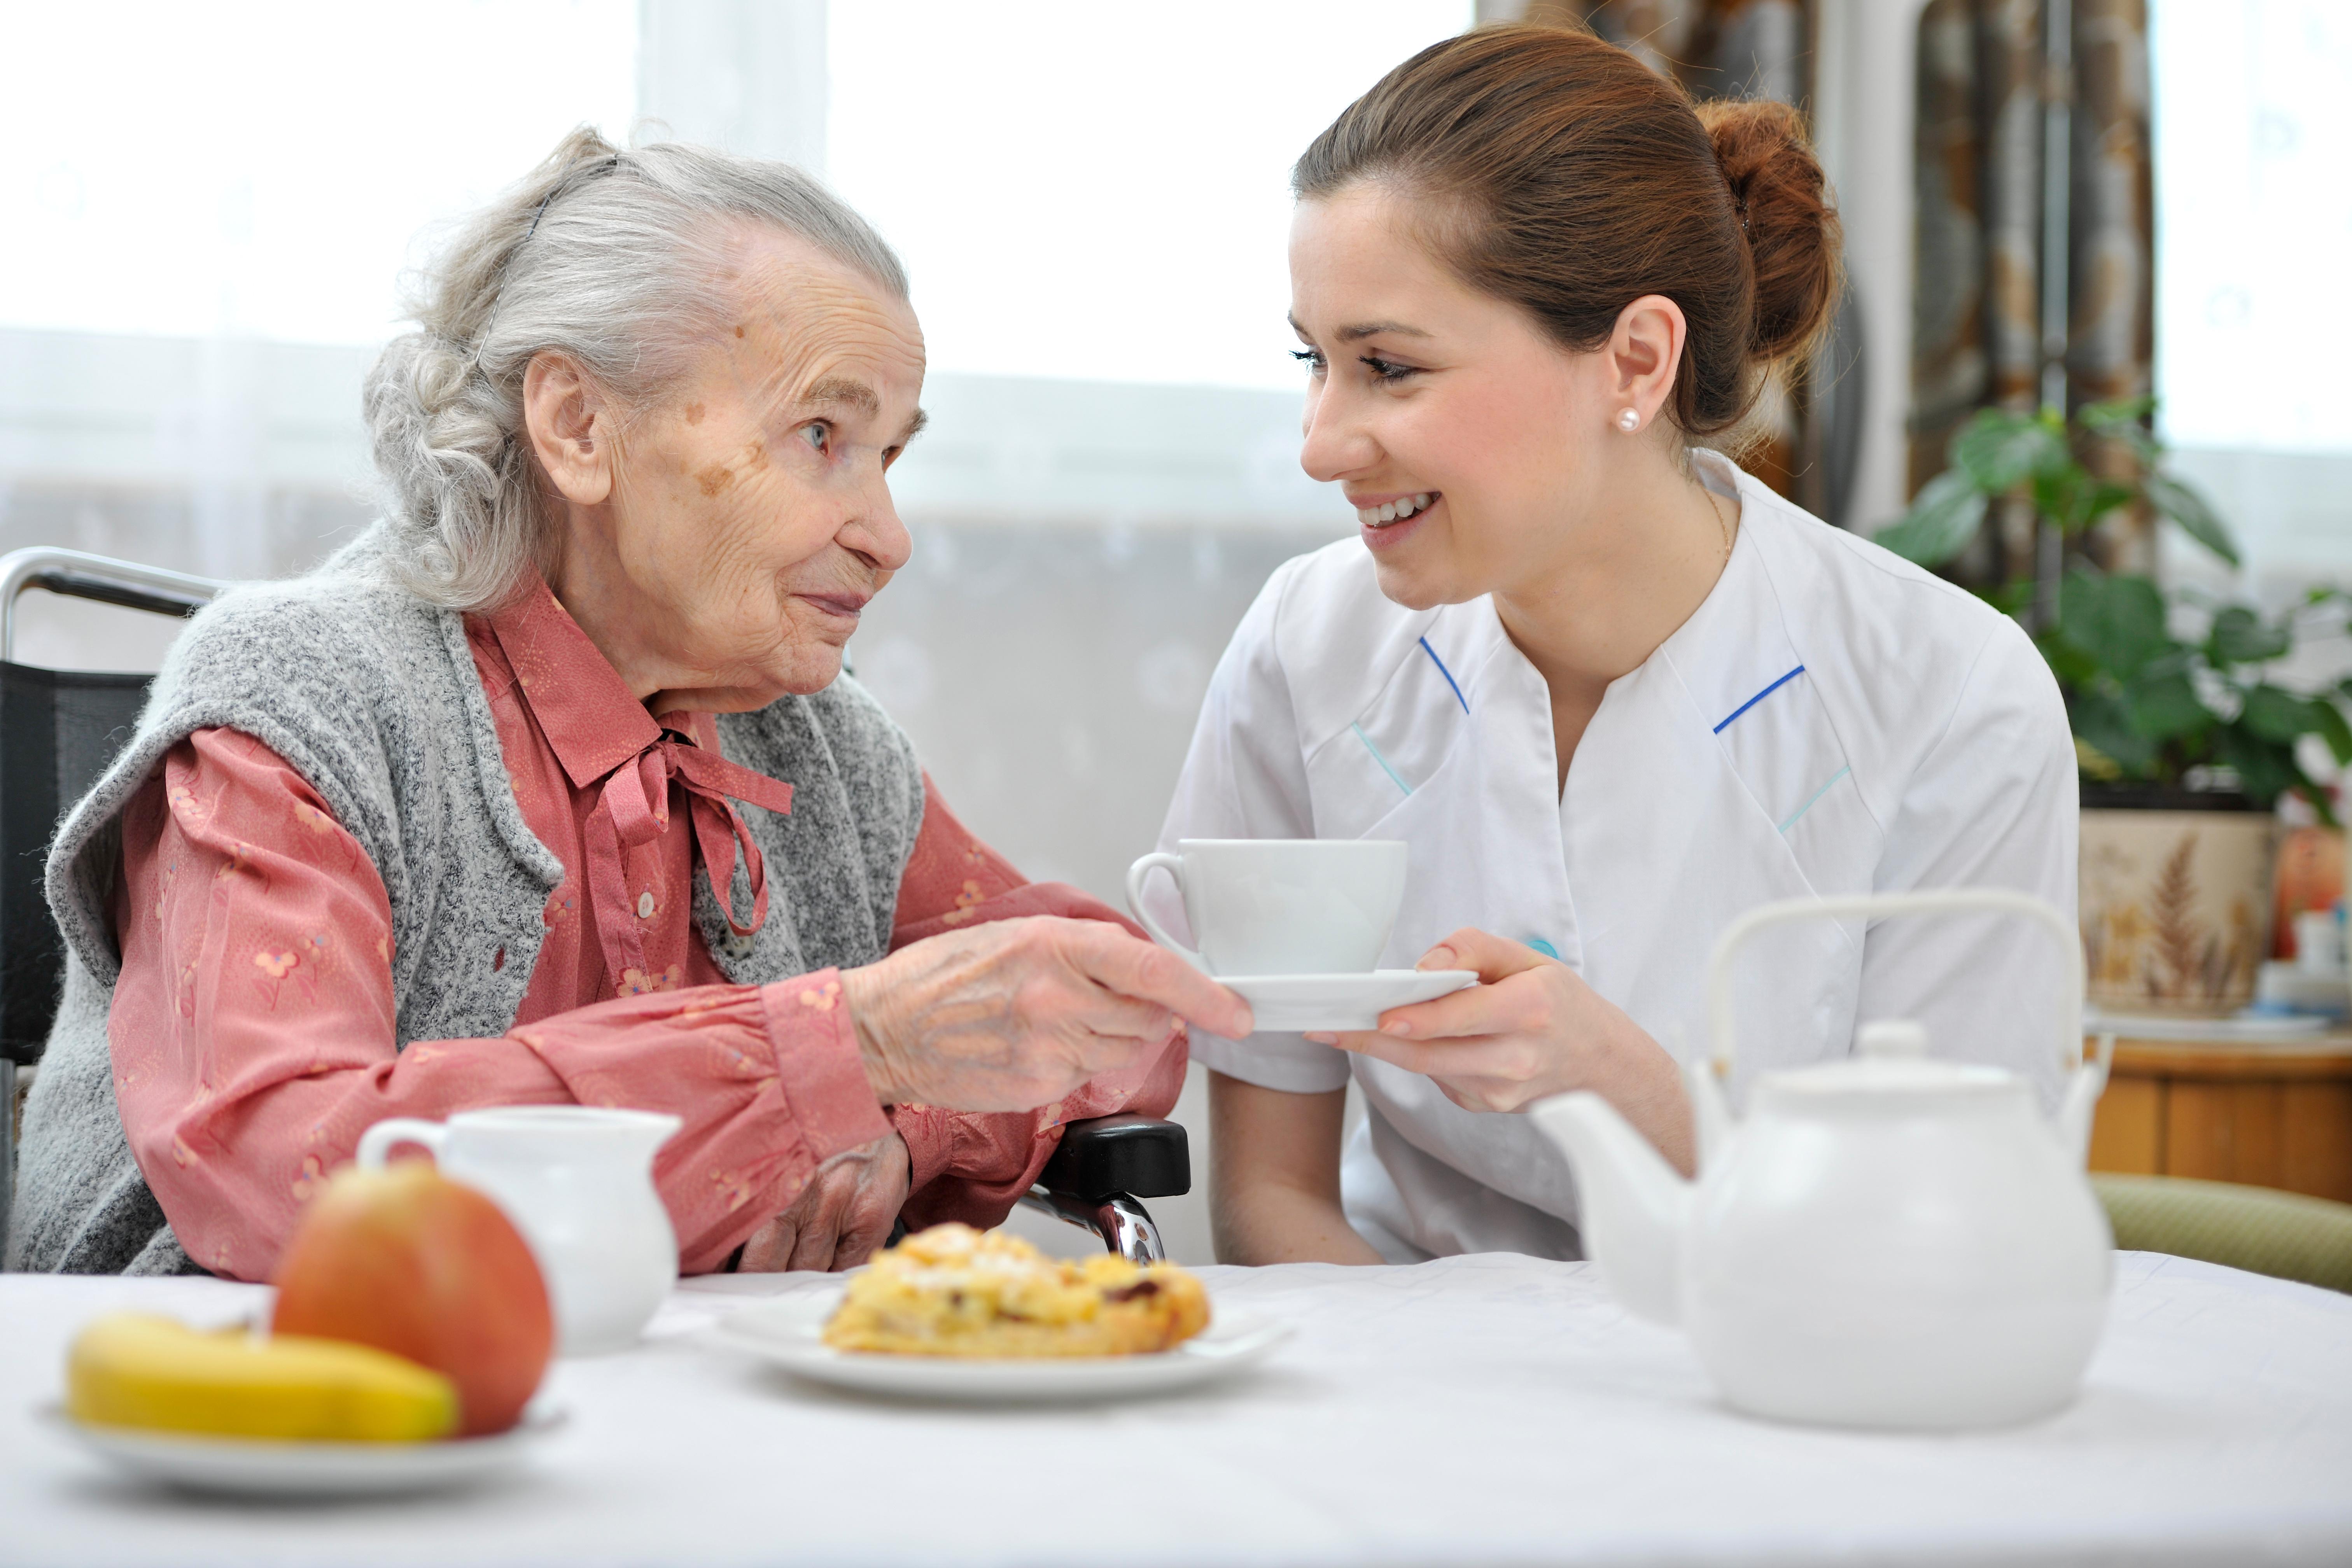 Comment favoriser le maintien à domicile des personnes âgées